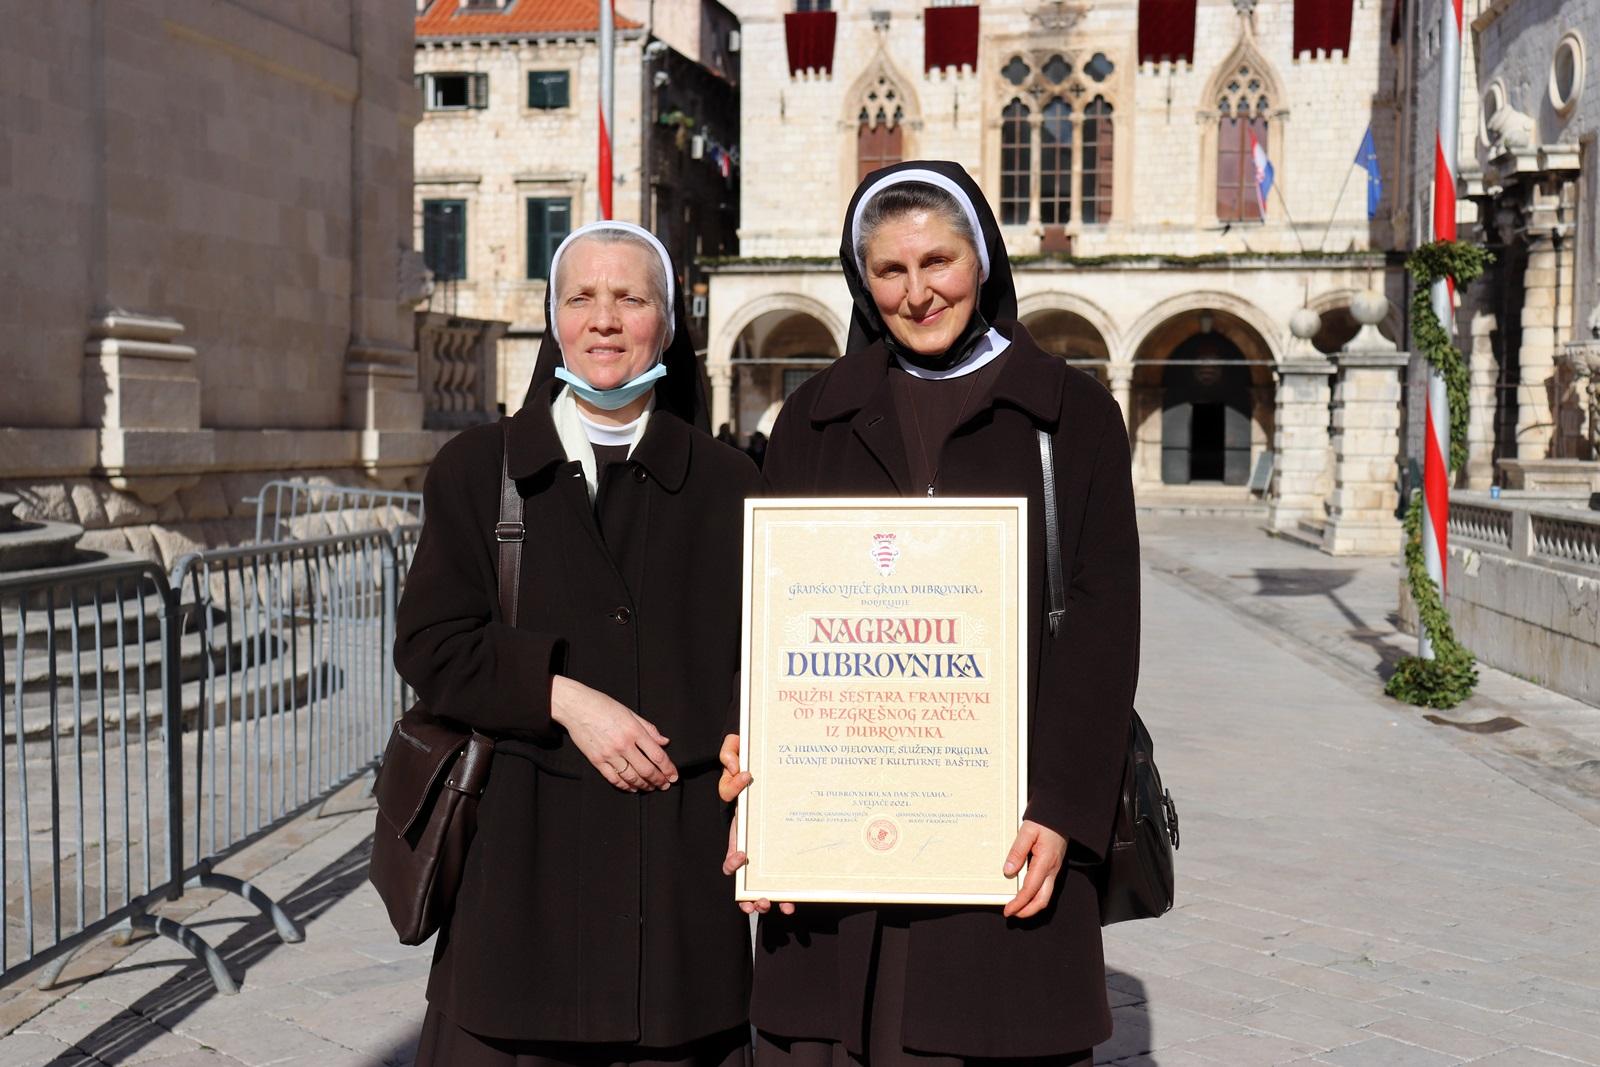 Redovniku franjevcu i sestrama franjevkama dodijeljene nagrade grada dubrovnika 3